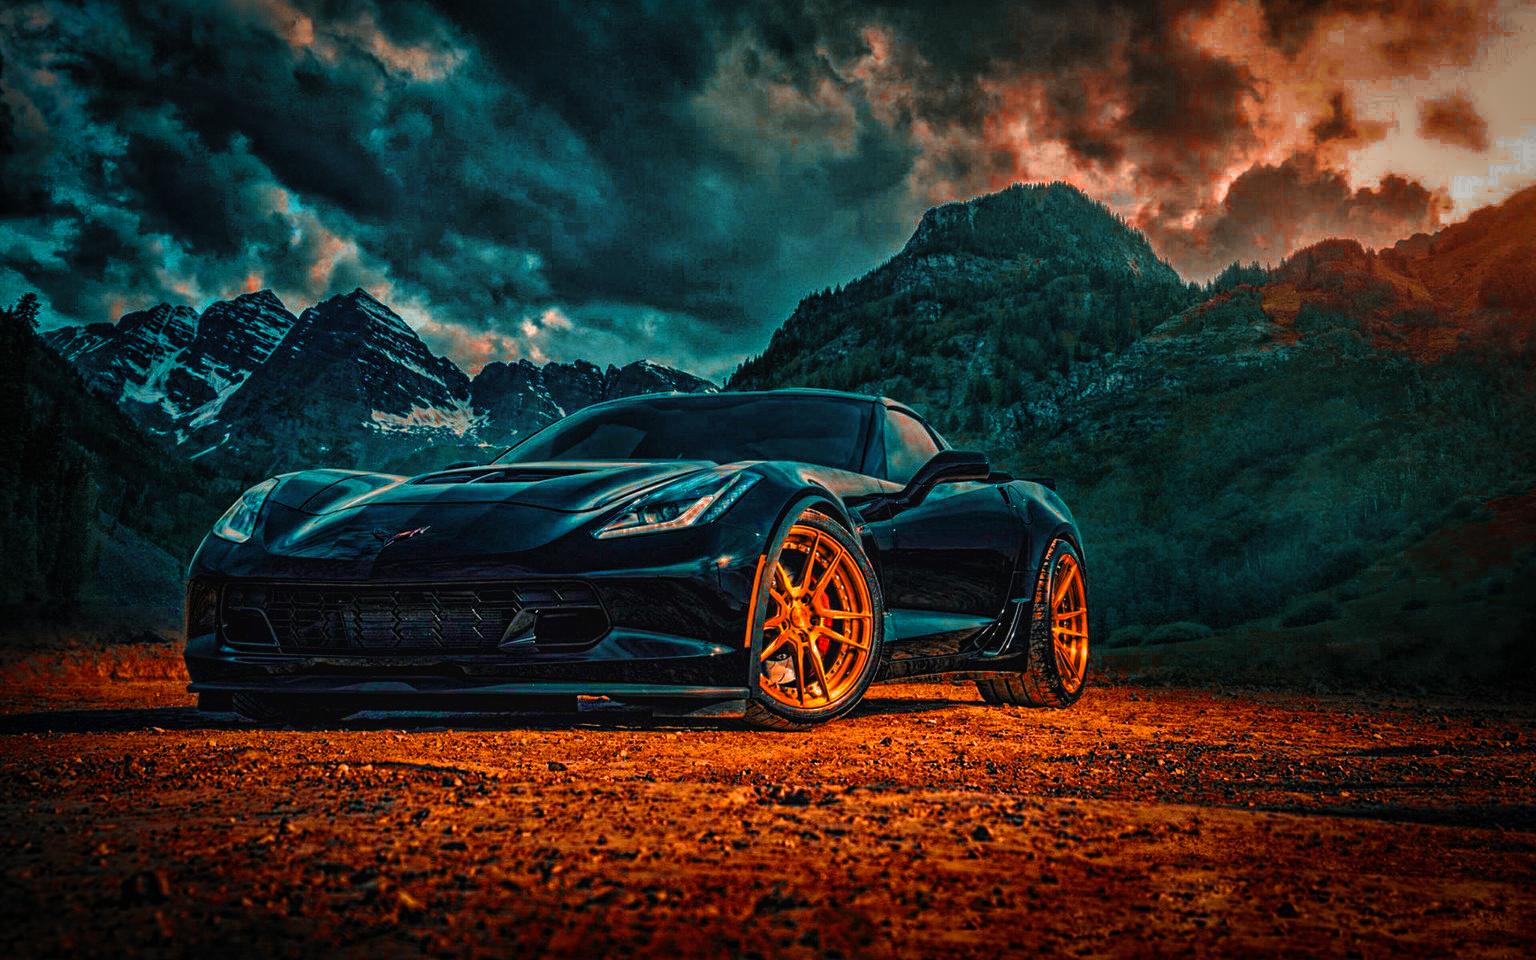 New Cb Backgrounds Download 50 Picsart Cb Editing: CB BACKGROUND CAR Full HD NEW CB BACKGROUND PICSART